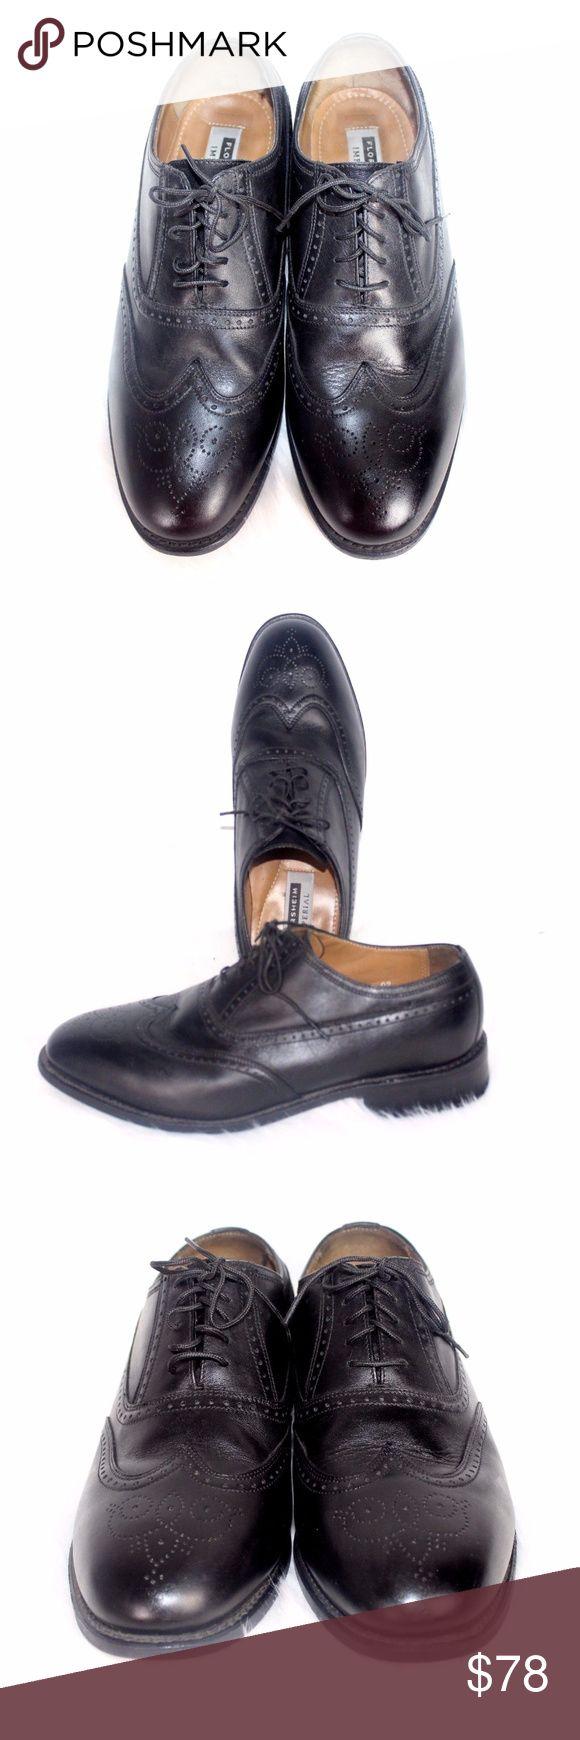 FLORSHEIM IMPERIAL Leather Wingtip   Sz 9 1/2 3E FLORSHEIM IMPERIAL Mens Black Leather Wingtip Lace Up Dress Shoe Sz 9 1/2 3E Front to Back 12 1/2 Inches Widest Part Of Sole 4 Inches Heel 1 1/2 Inches Florsheim Shoes Oxfords & Derbys